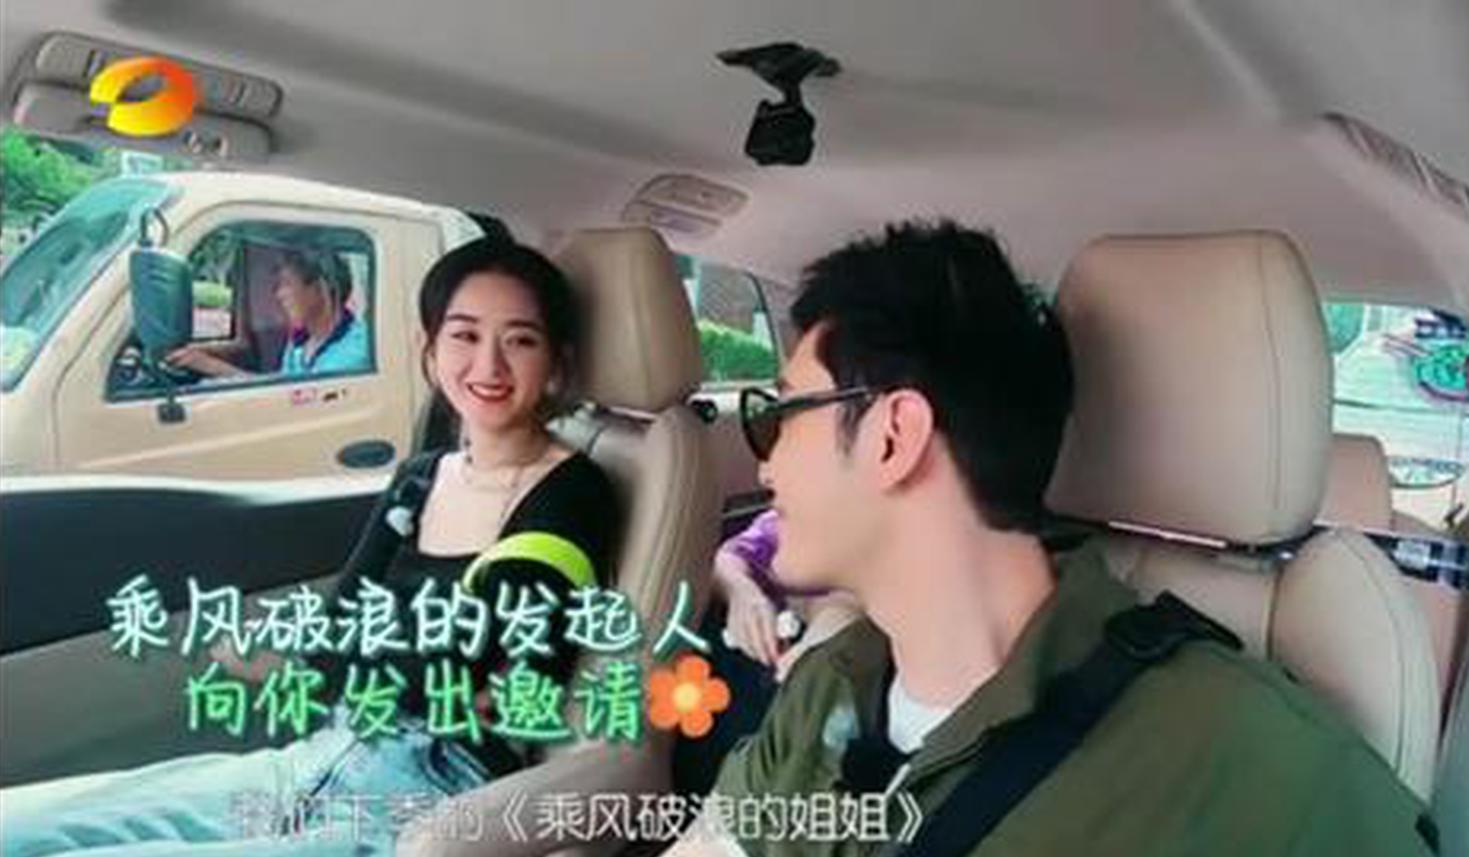 黄晓明邀请赵丽颖参加姐姐2:有我在,帮你托底